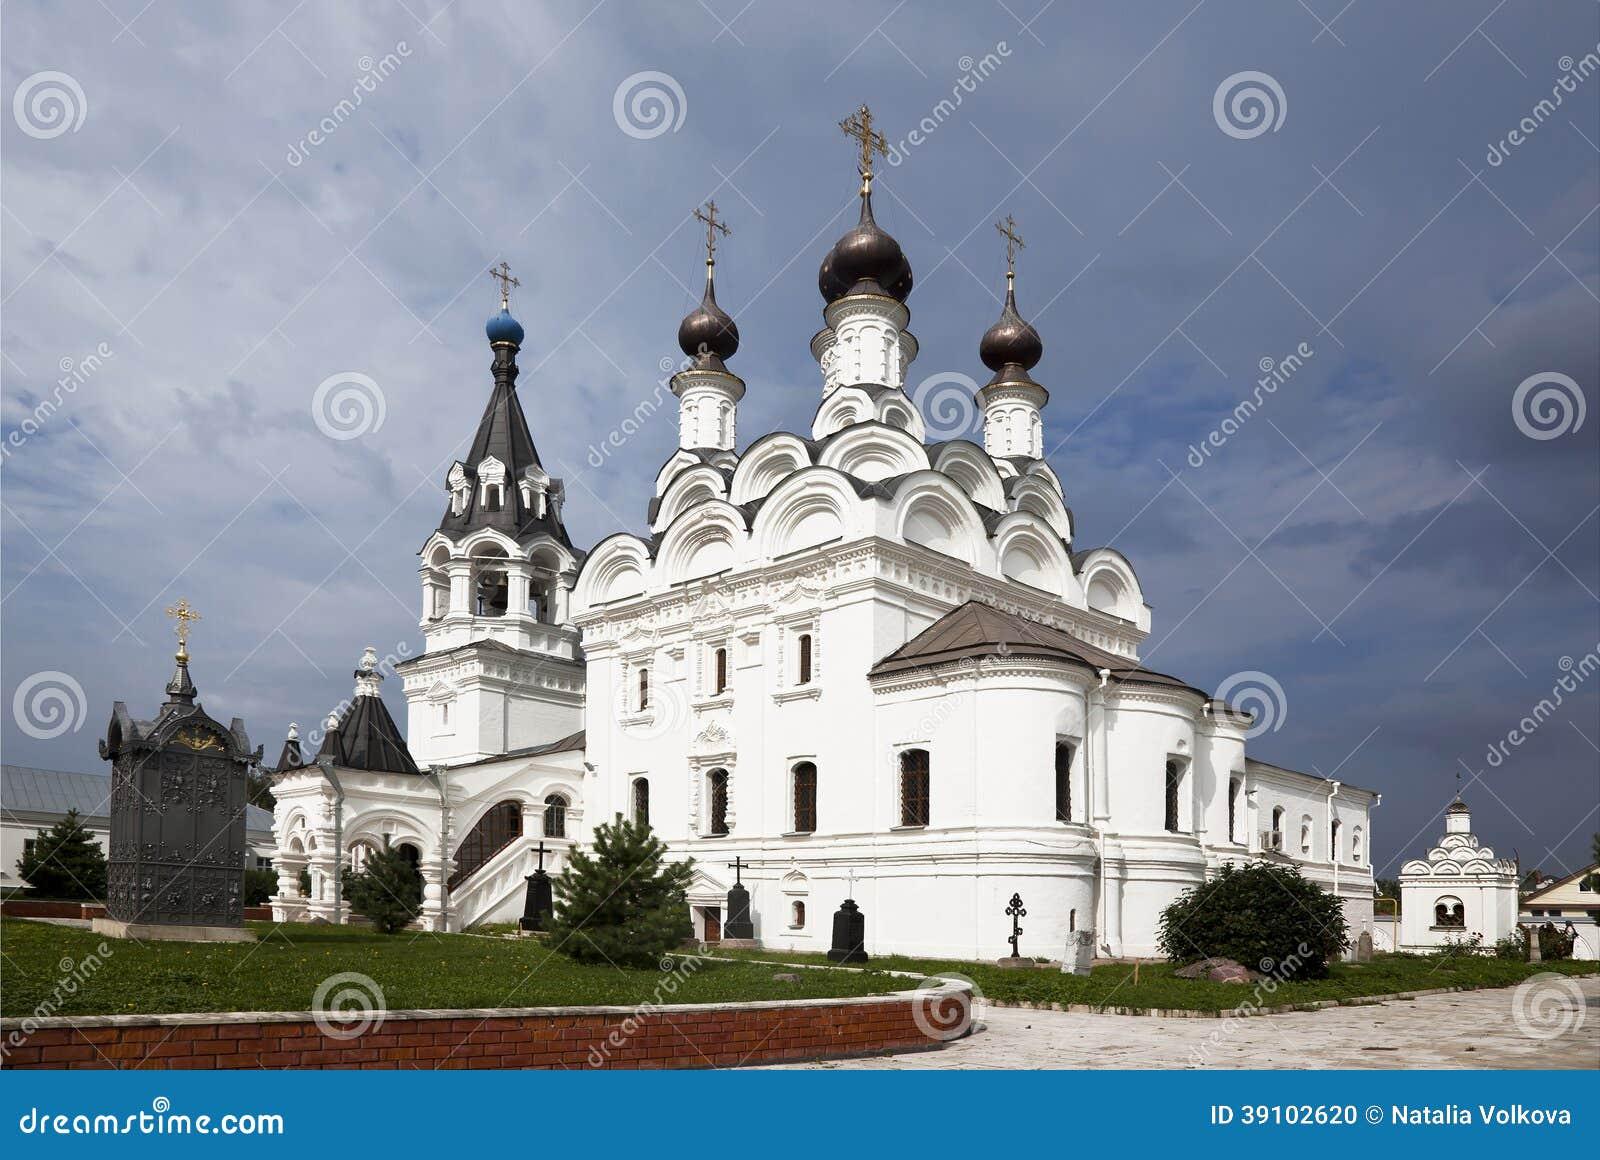 Kathedraal van de Aankondiging. Murom. Rusland